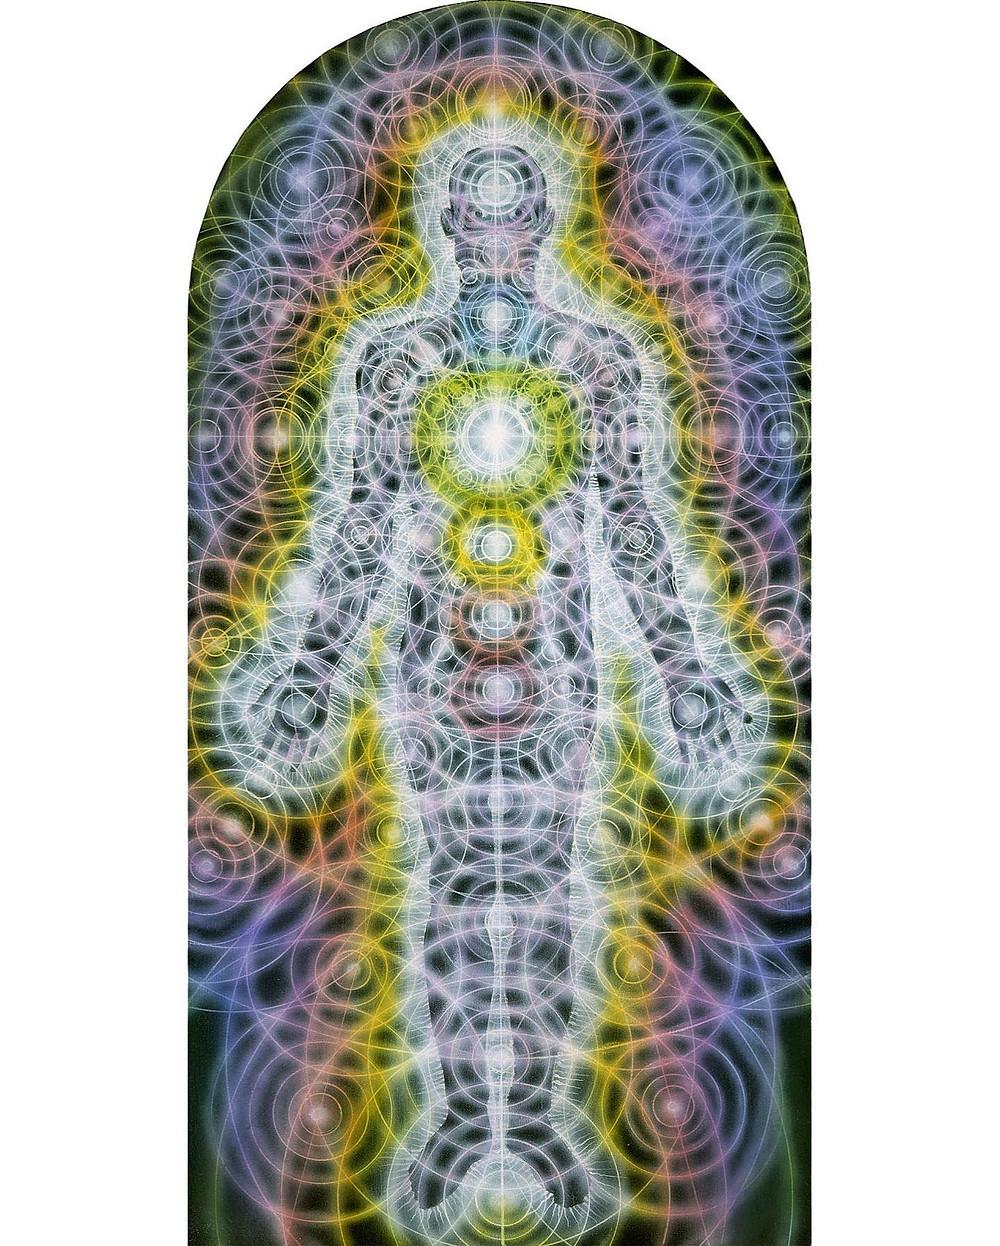 Алекс Грей, «Тело-разум как вибрационное поле» (Body Mind as a Vibratory Field, 1987), 20 × 40 см, акрилловая краска на панели из дерева.